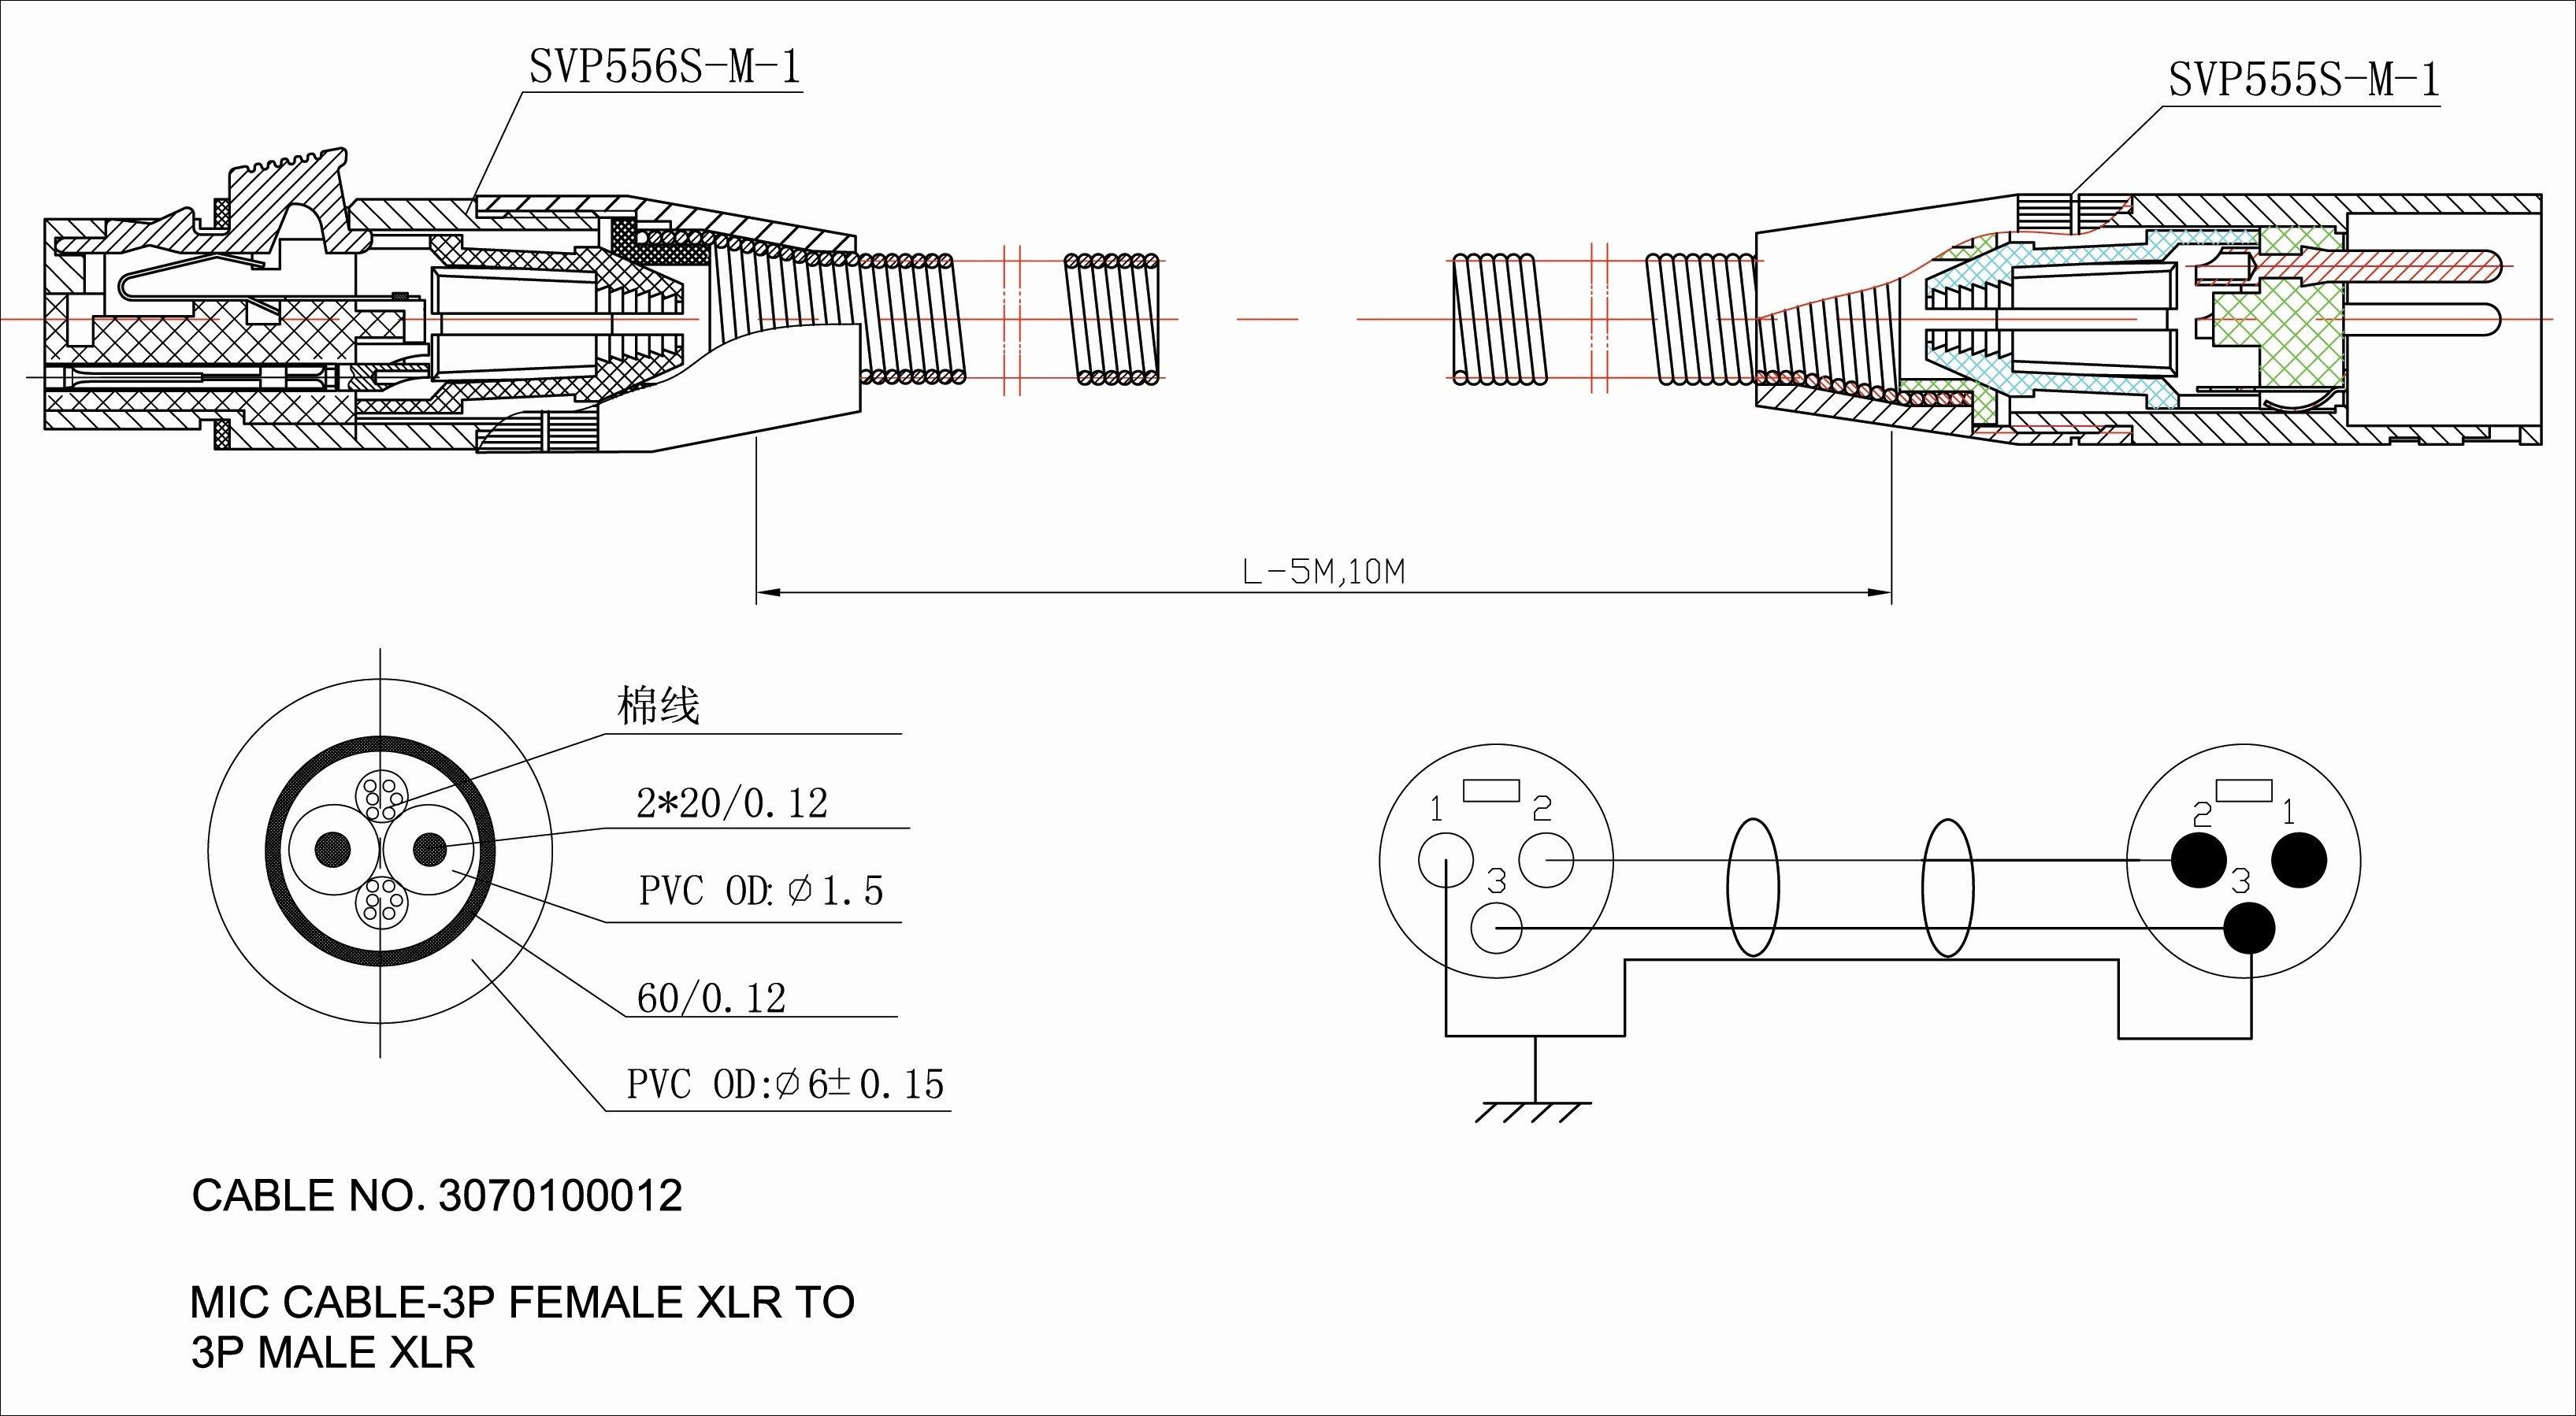 Wiring Diagram For Inground Pool | Wiring Diagram - 220V Pool Pump Wiring Diagram